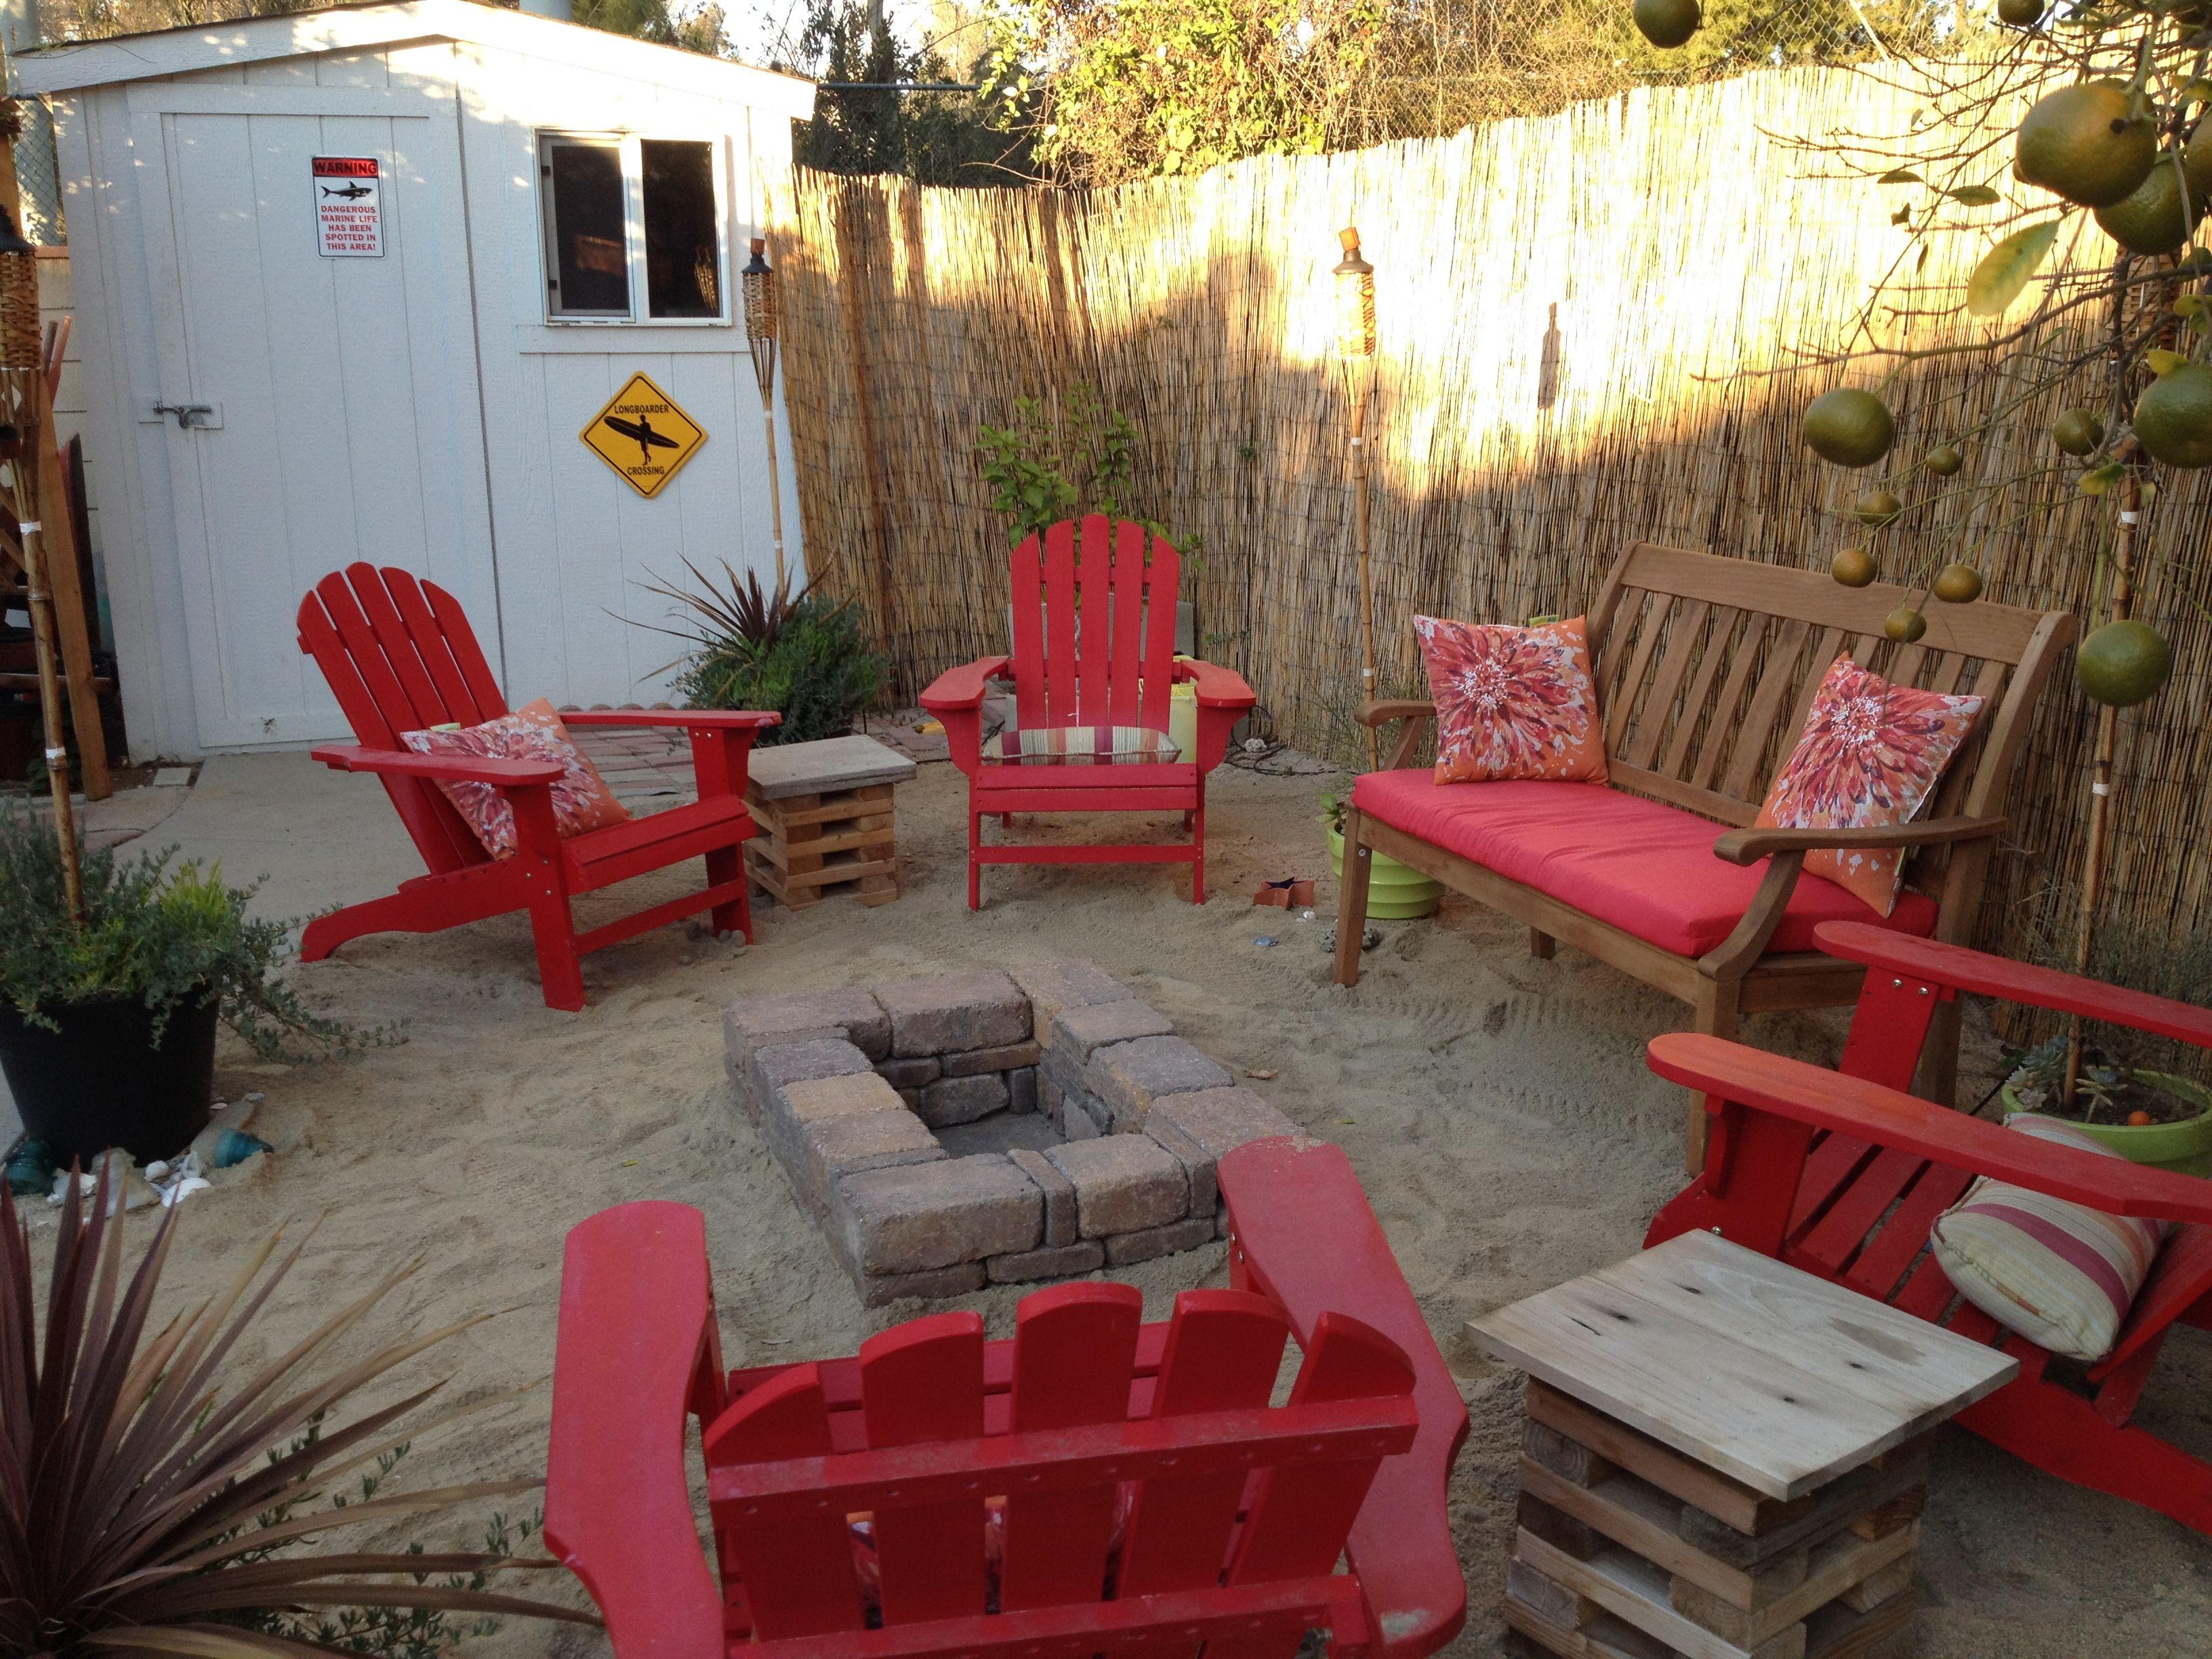 Beach Backyard Ideas completely coastal beach tiki bar ideas for the home backyard Backyard Beach Area